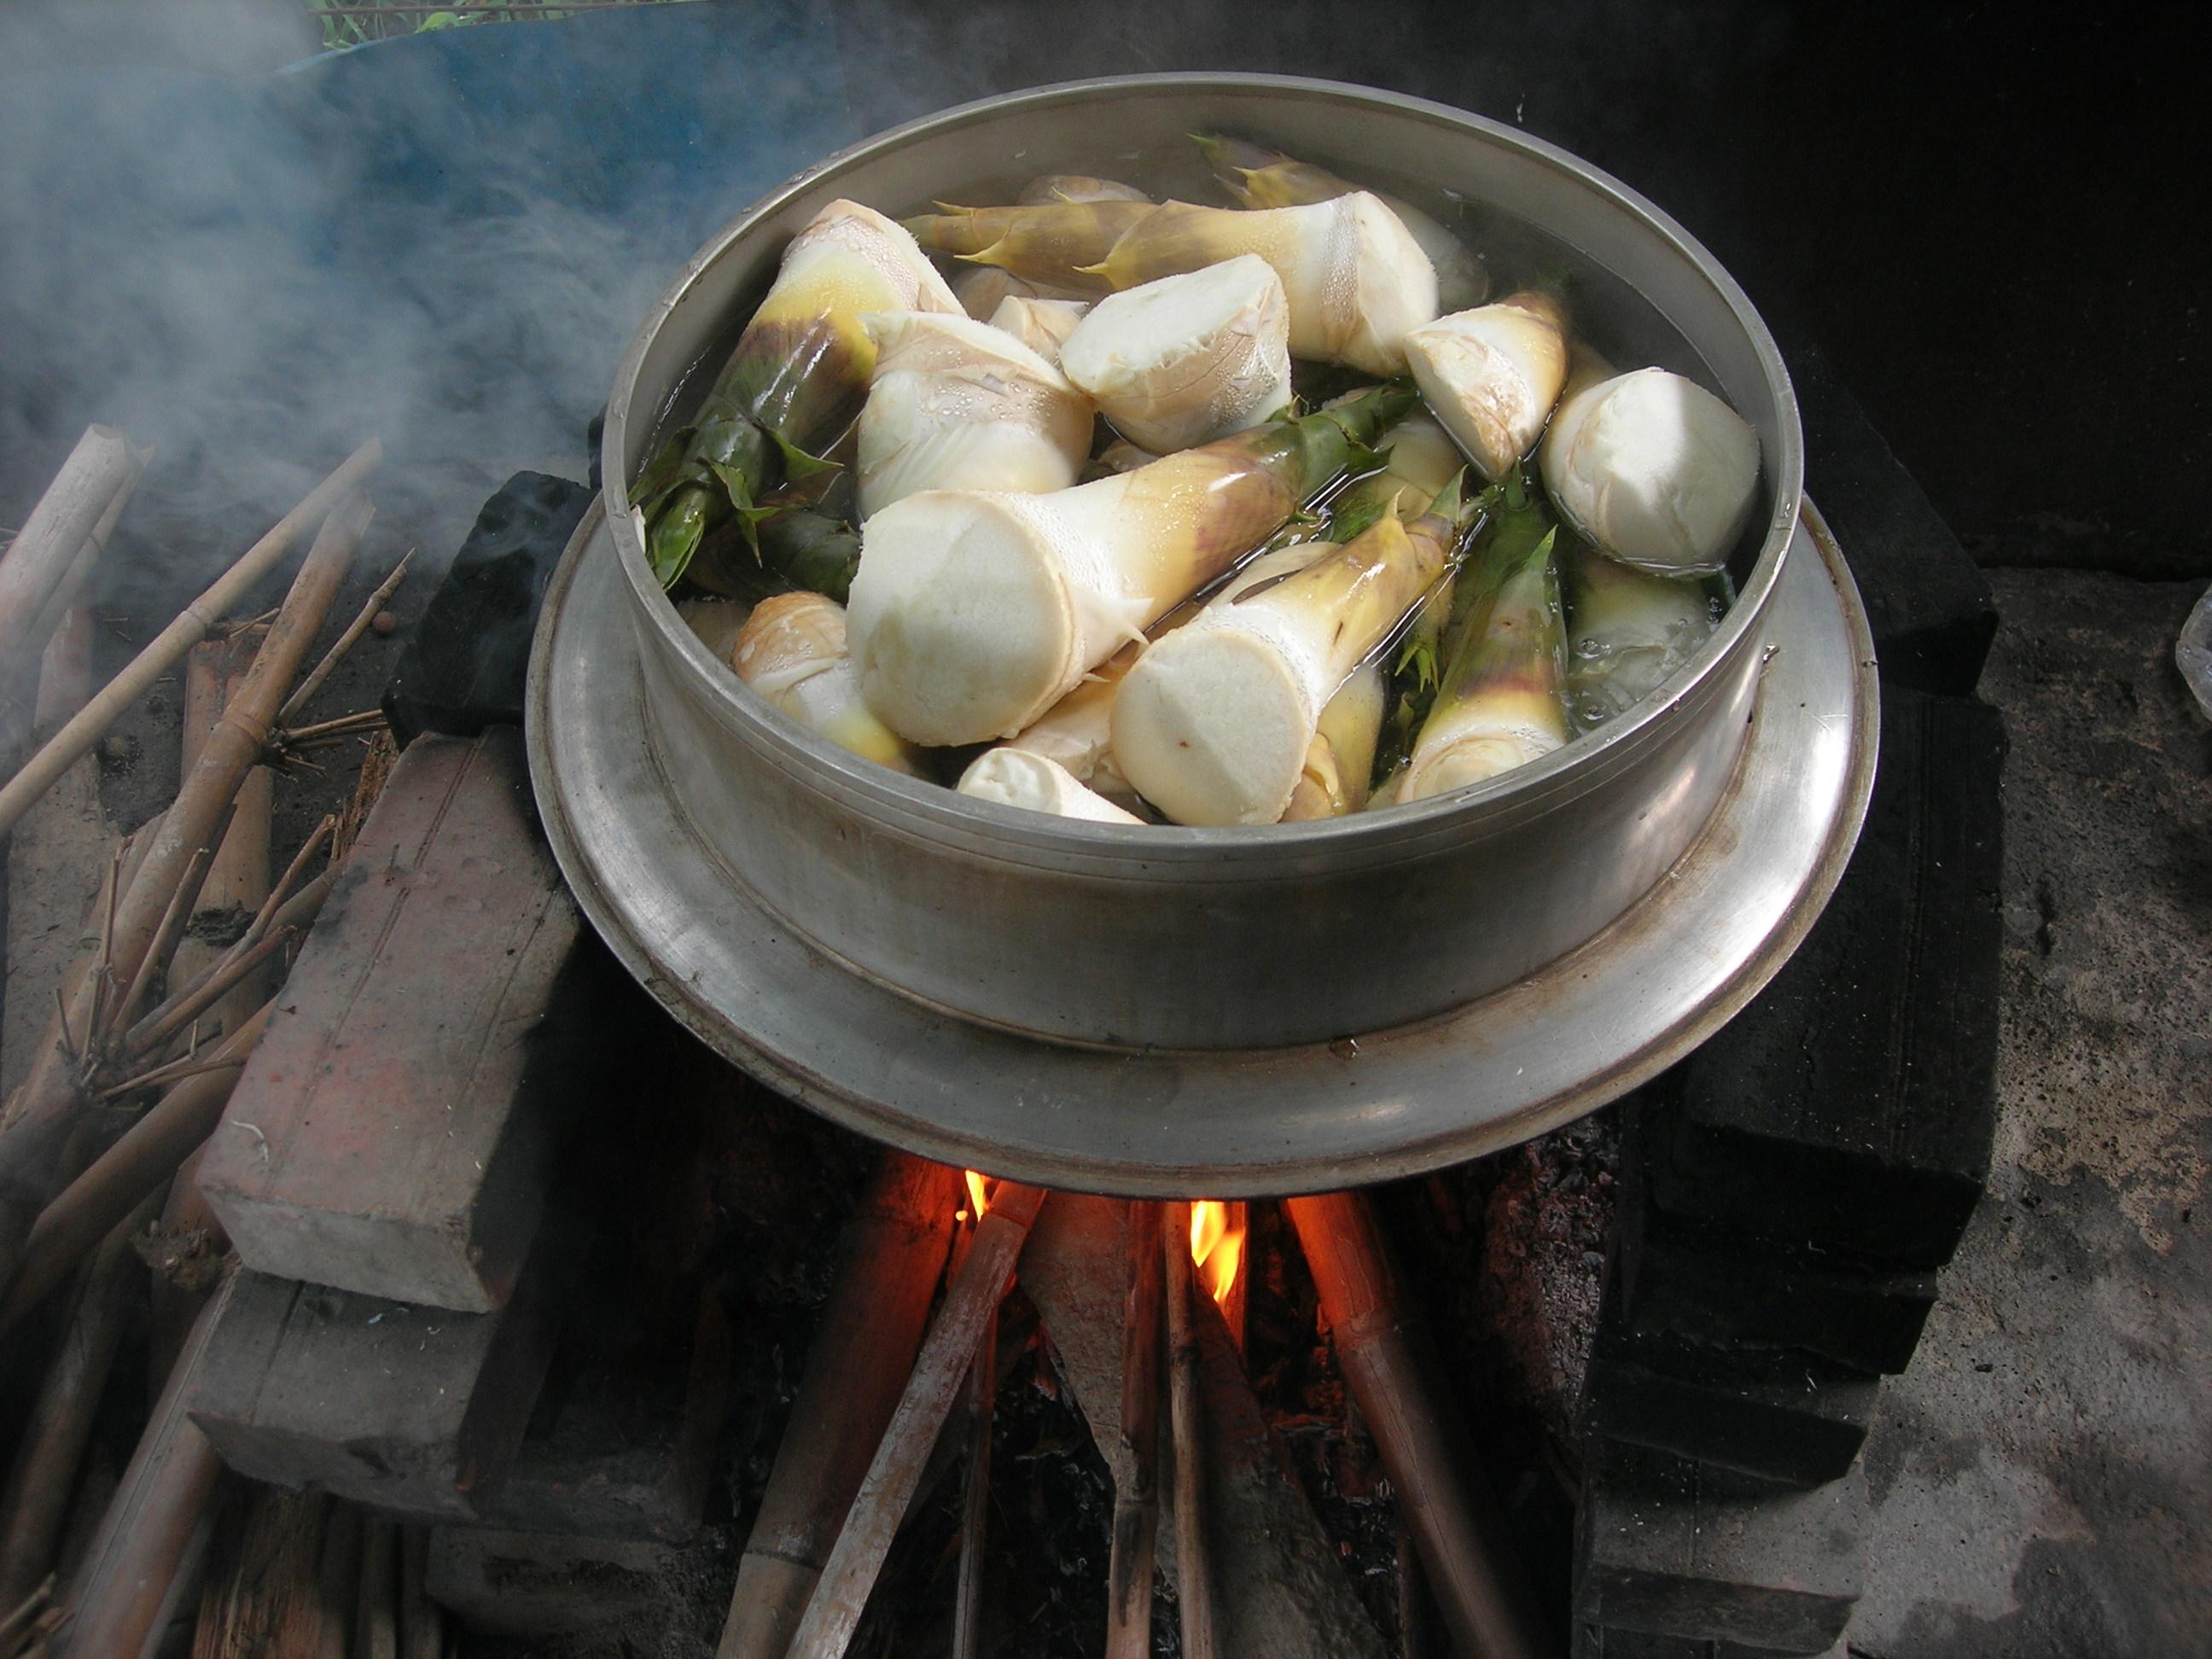 這樣煮的竹筍最好吃.jpg